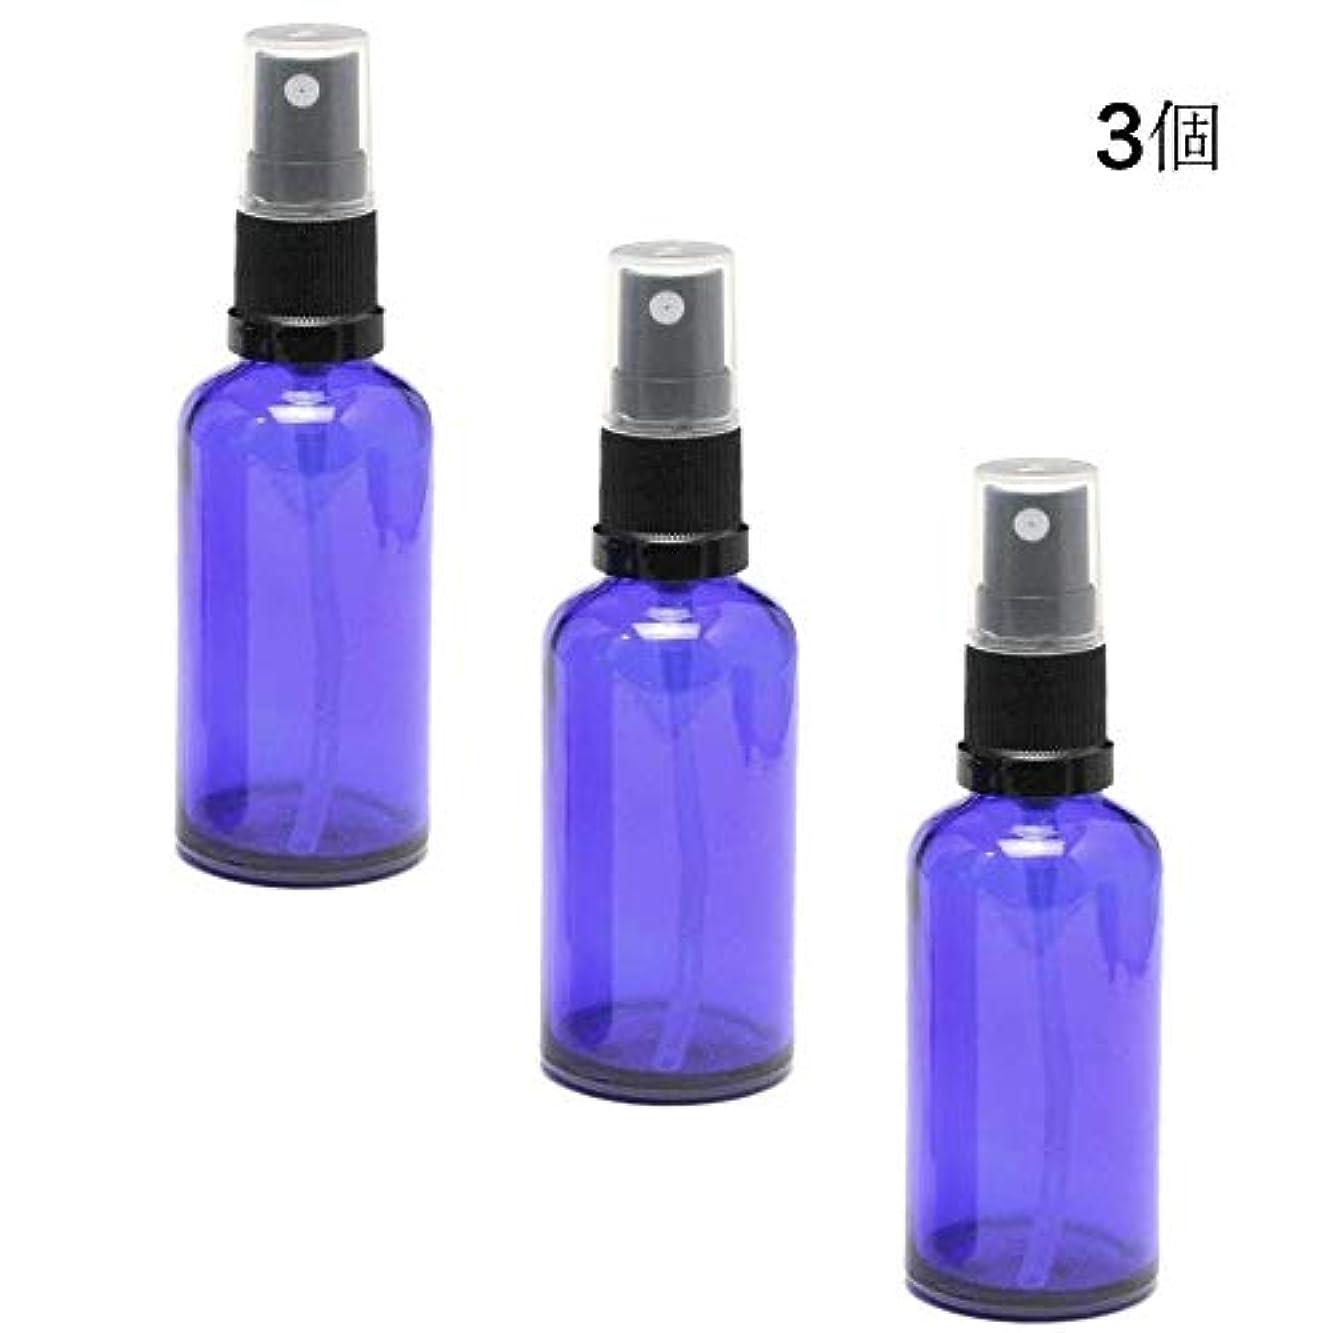 居心地の良いひねくれた嫌い遮光瓶/スプレーボトル (アトマイザー) 50ml ブルー/ブラックヘッド 3本セット